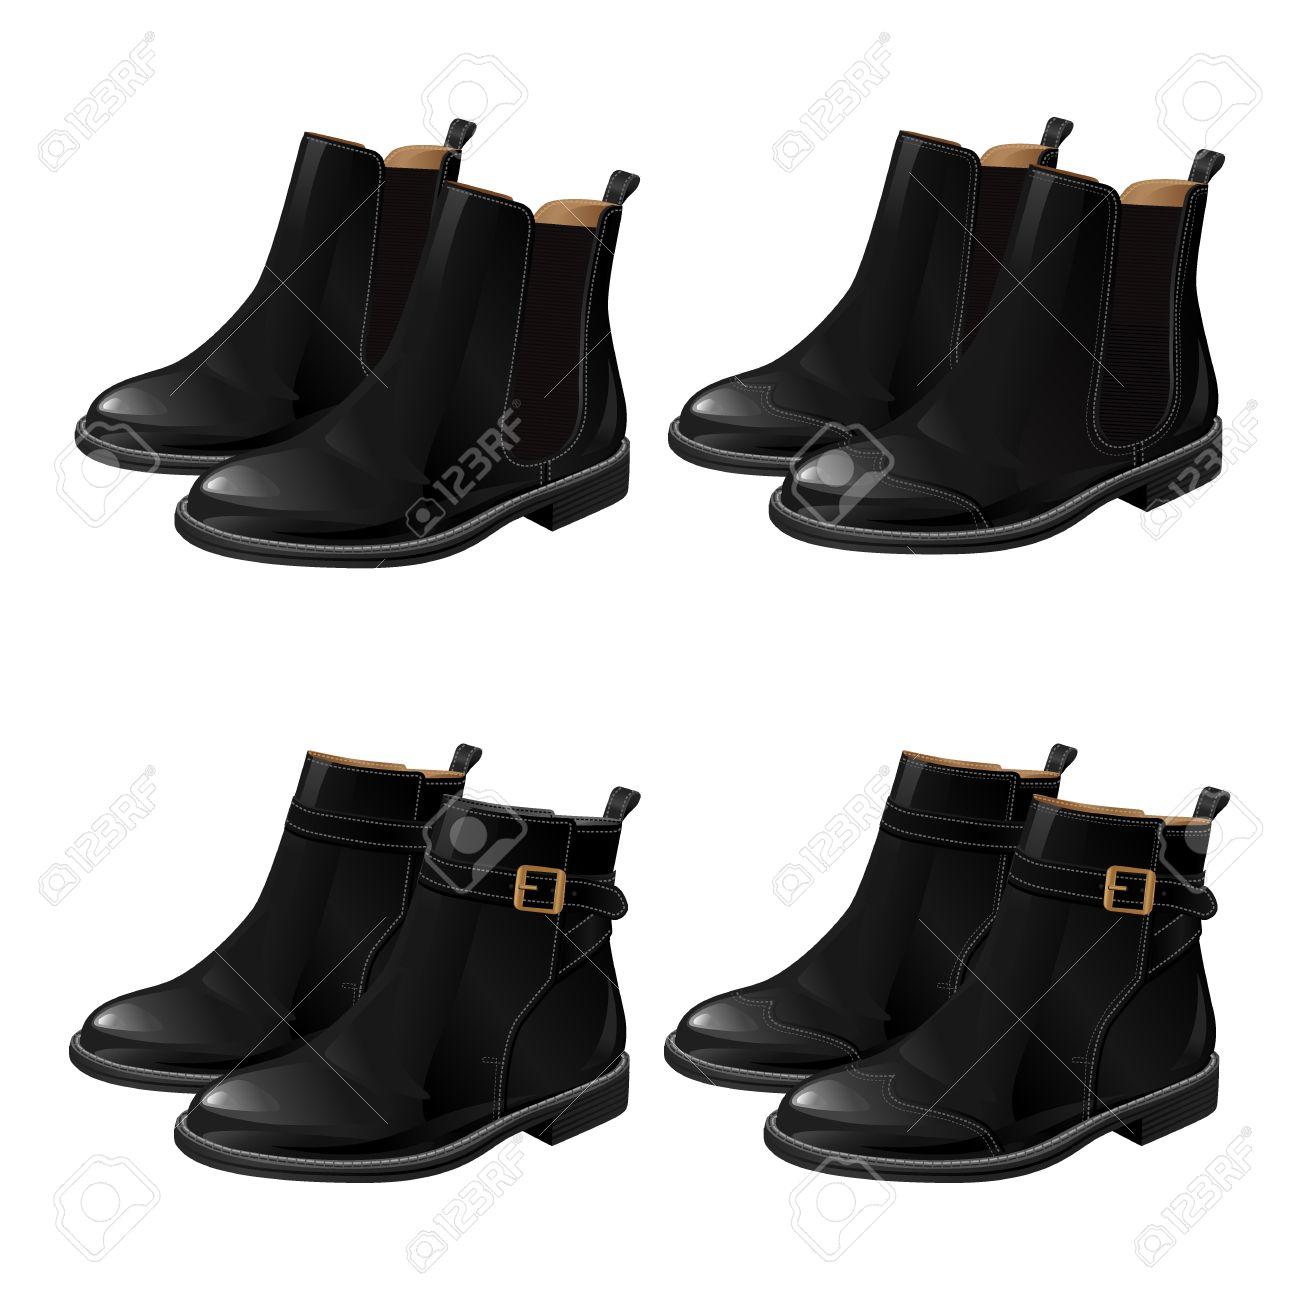 latéraux avec à Ensemble élastiques soufflets bride la chevilleBottines de différents chaussures de noiresBottes modèles avec 8ONnv0mw